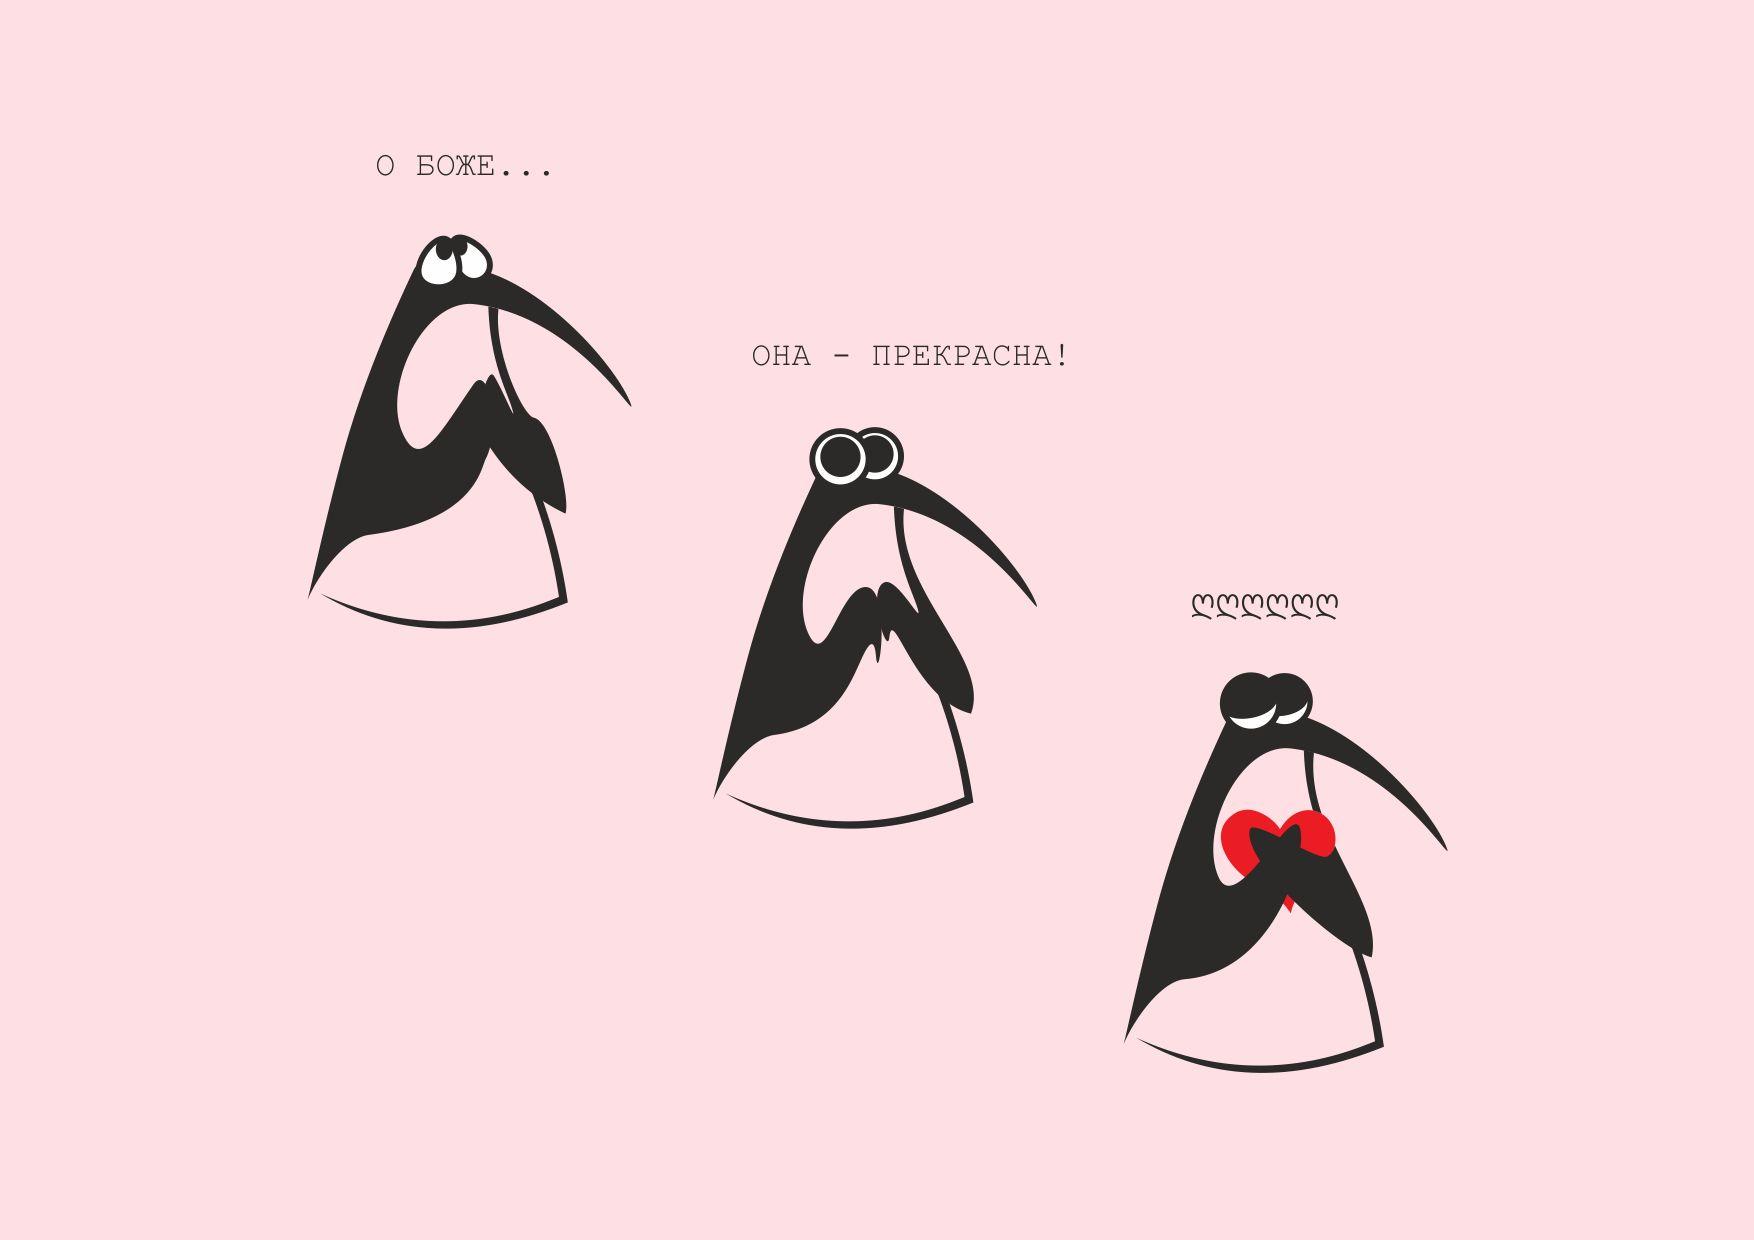 Создание персонажа для Департамента IT-компании - дизайнер VictorAnri